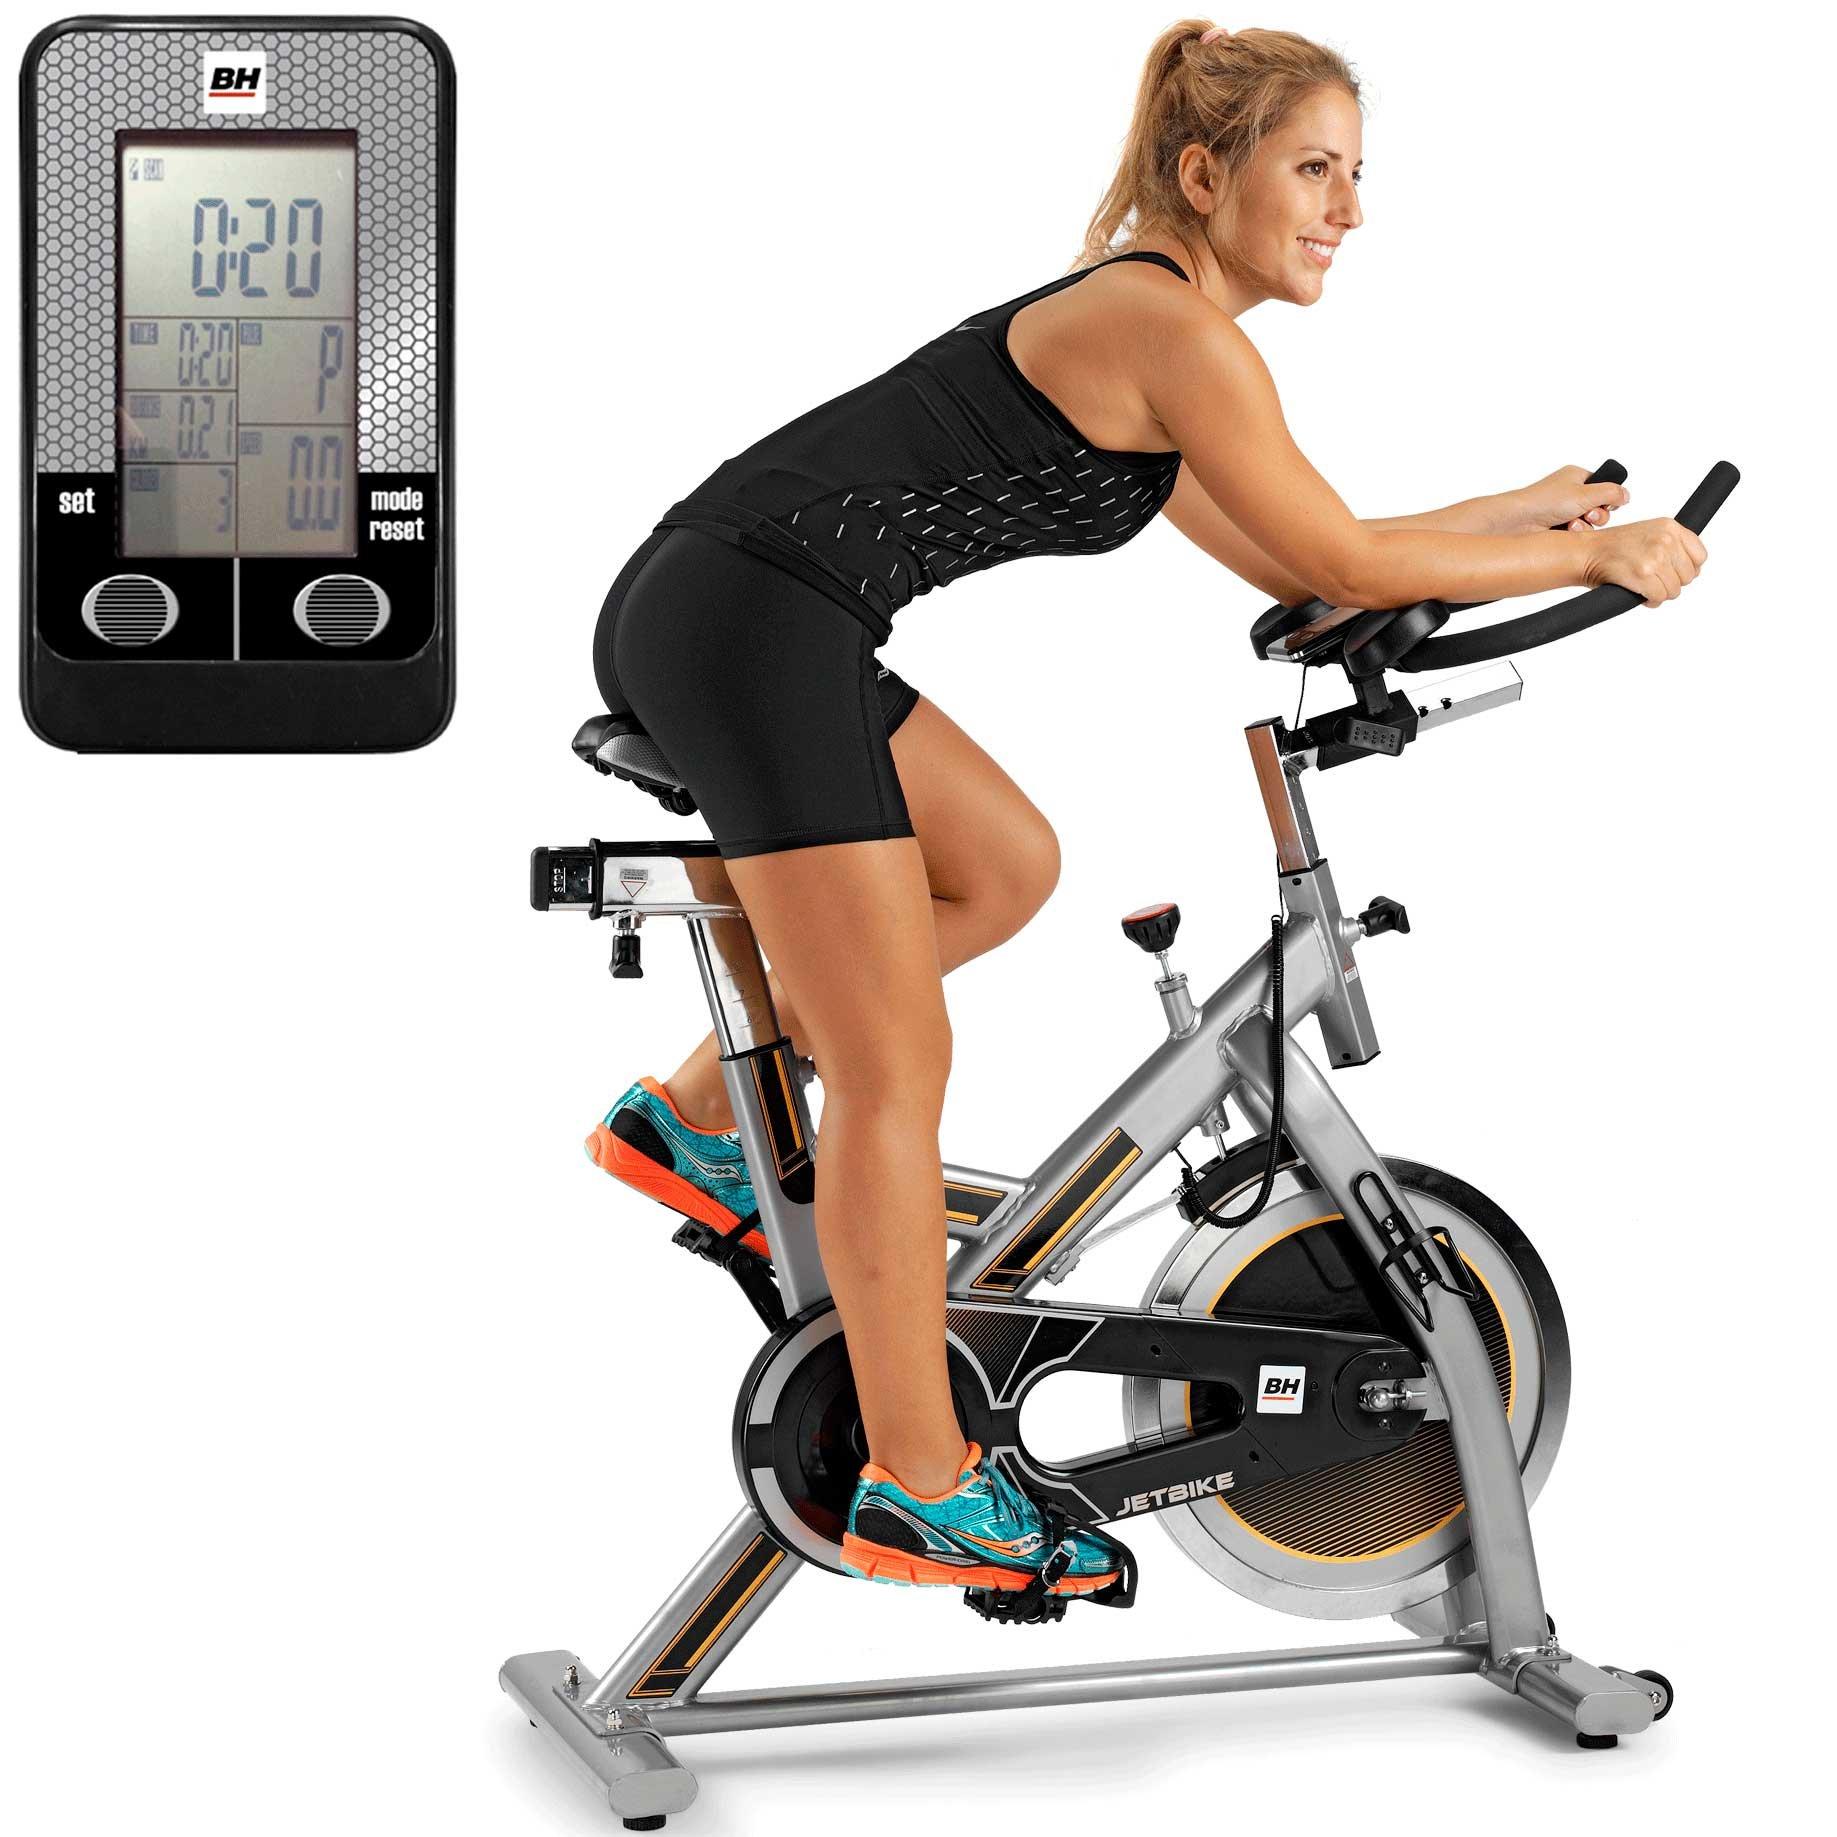 BH Fitness - MKT Jet Bicicleta Unisex, Multicolor, Talla Única: Amazon.es: Deportes y aire libre